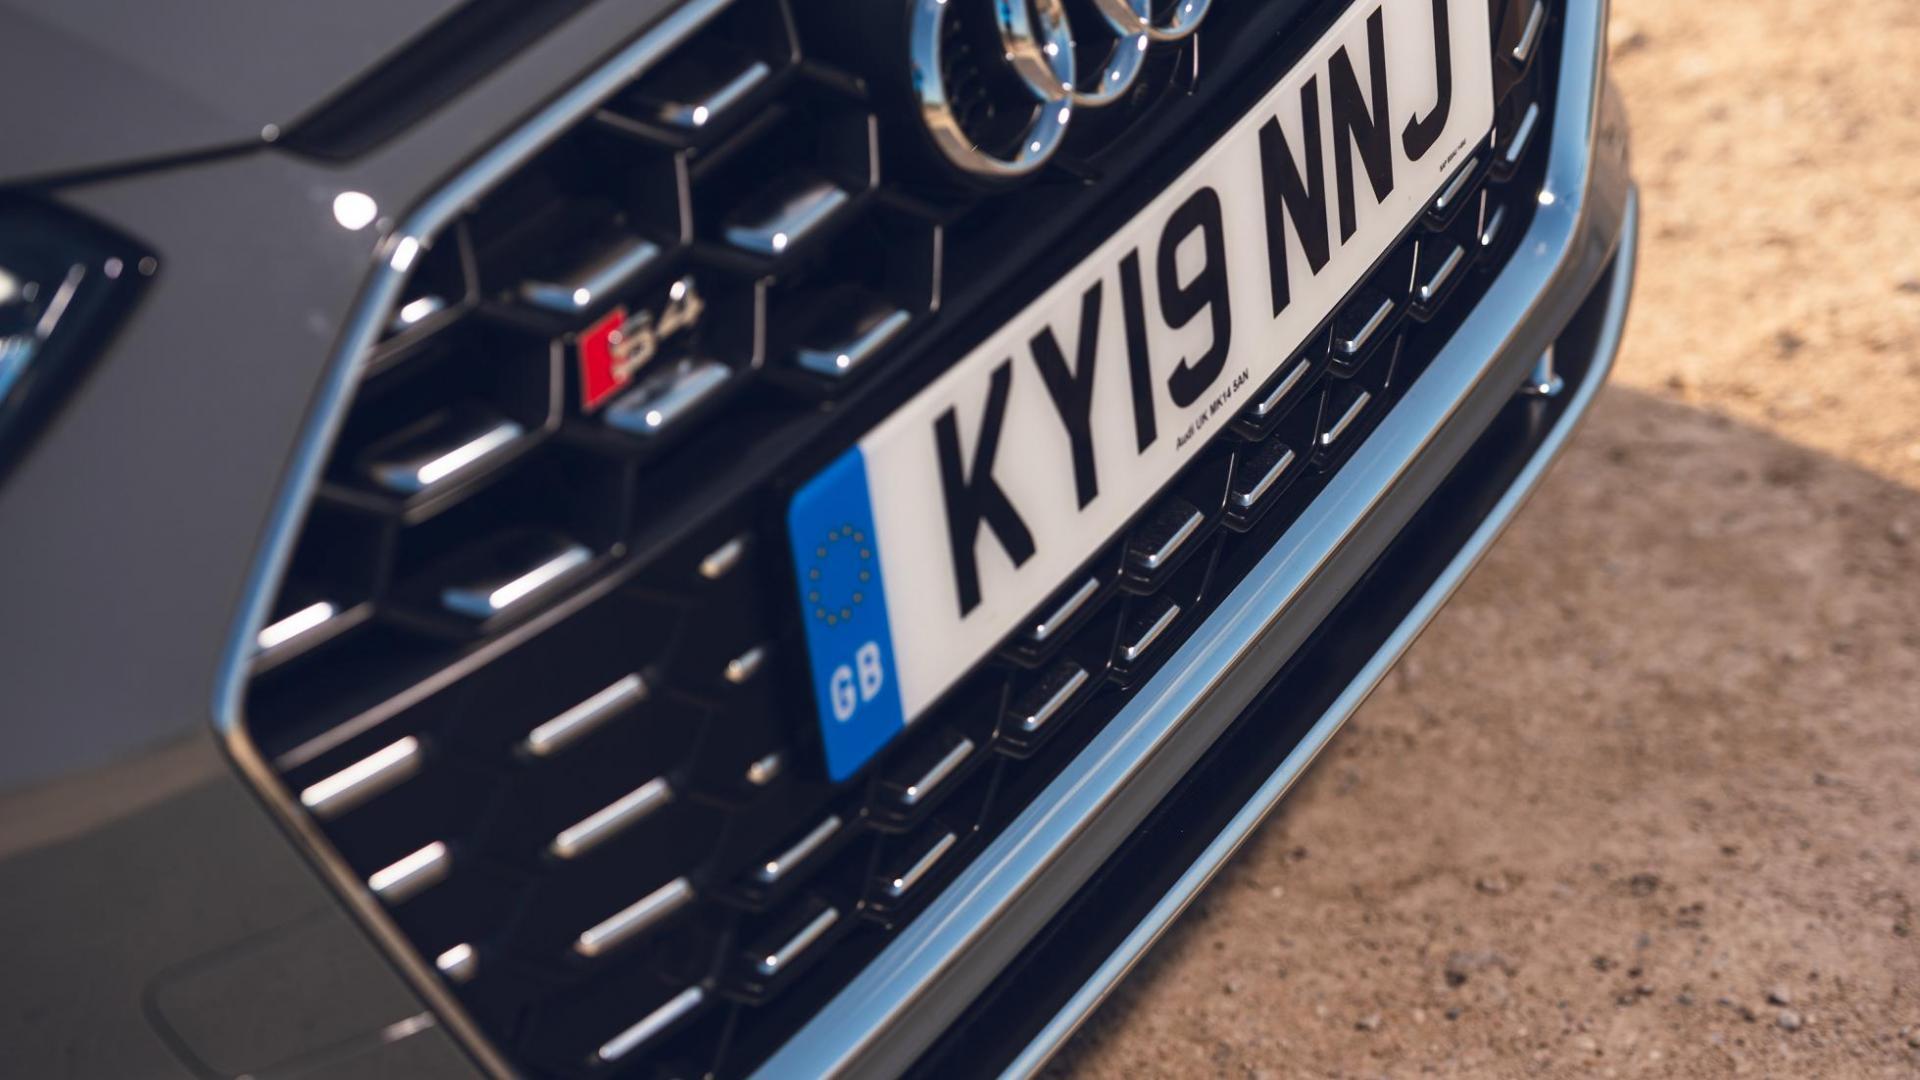 Audi S4 Avant 3.0 TDI Quattro detail grille